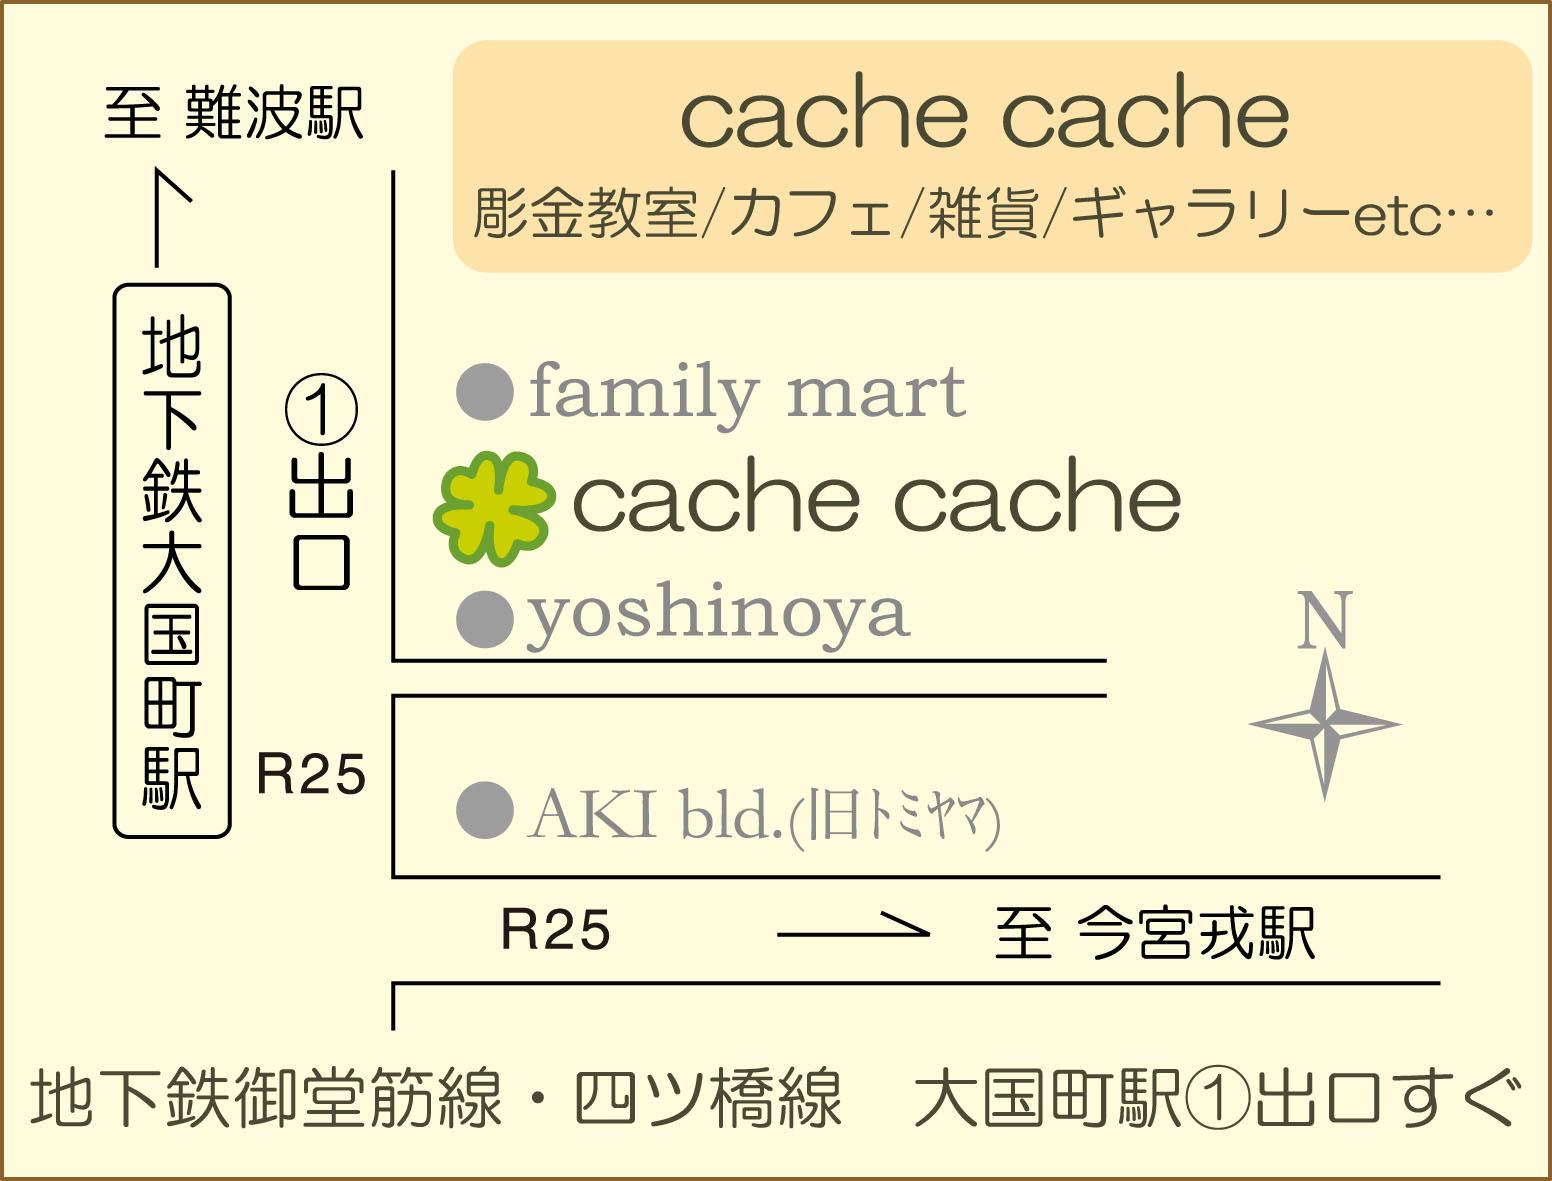 cache cache map